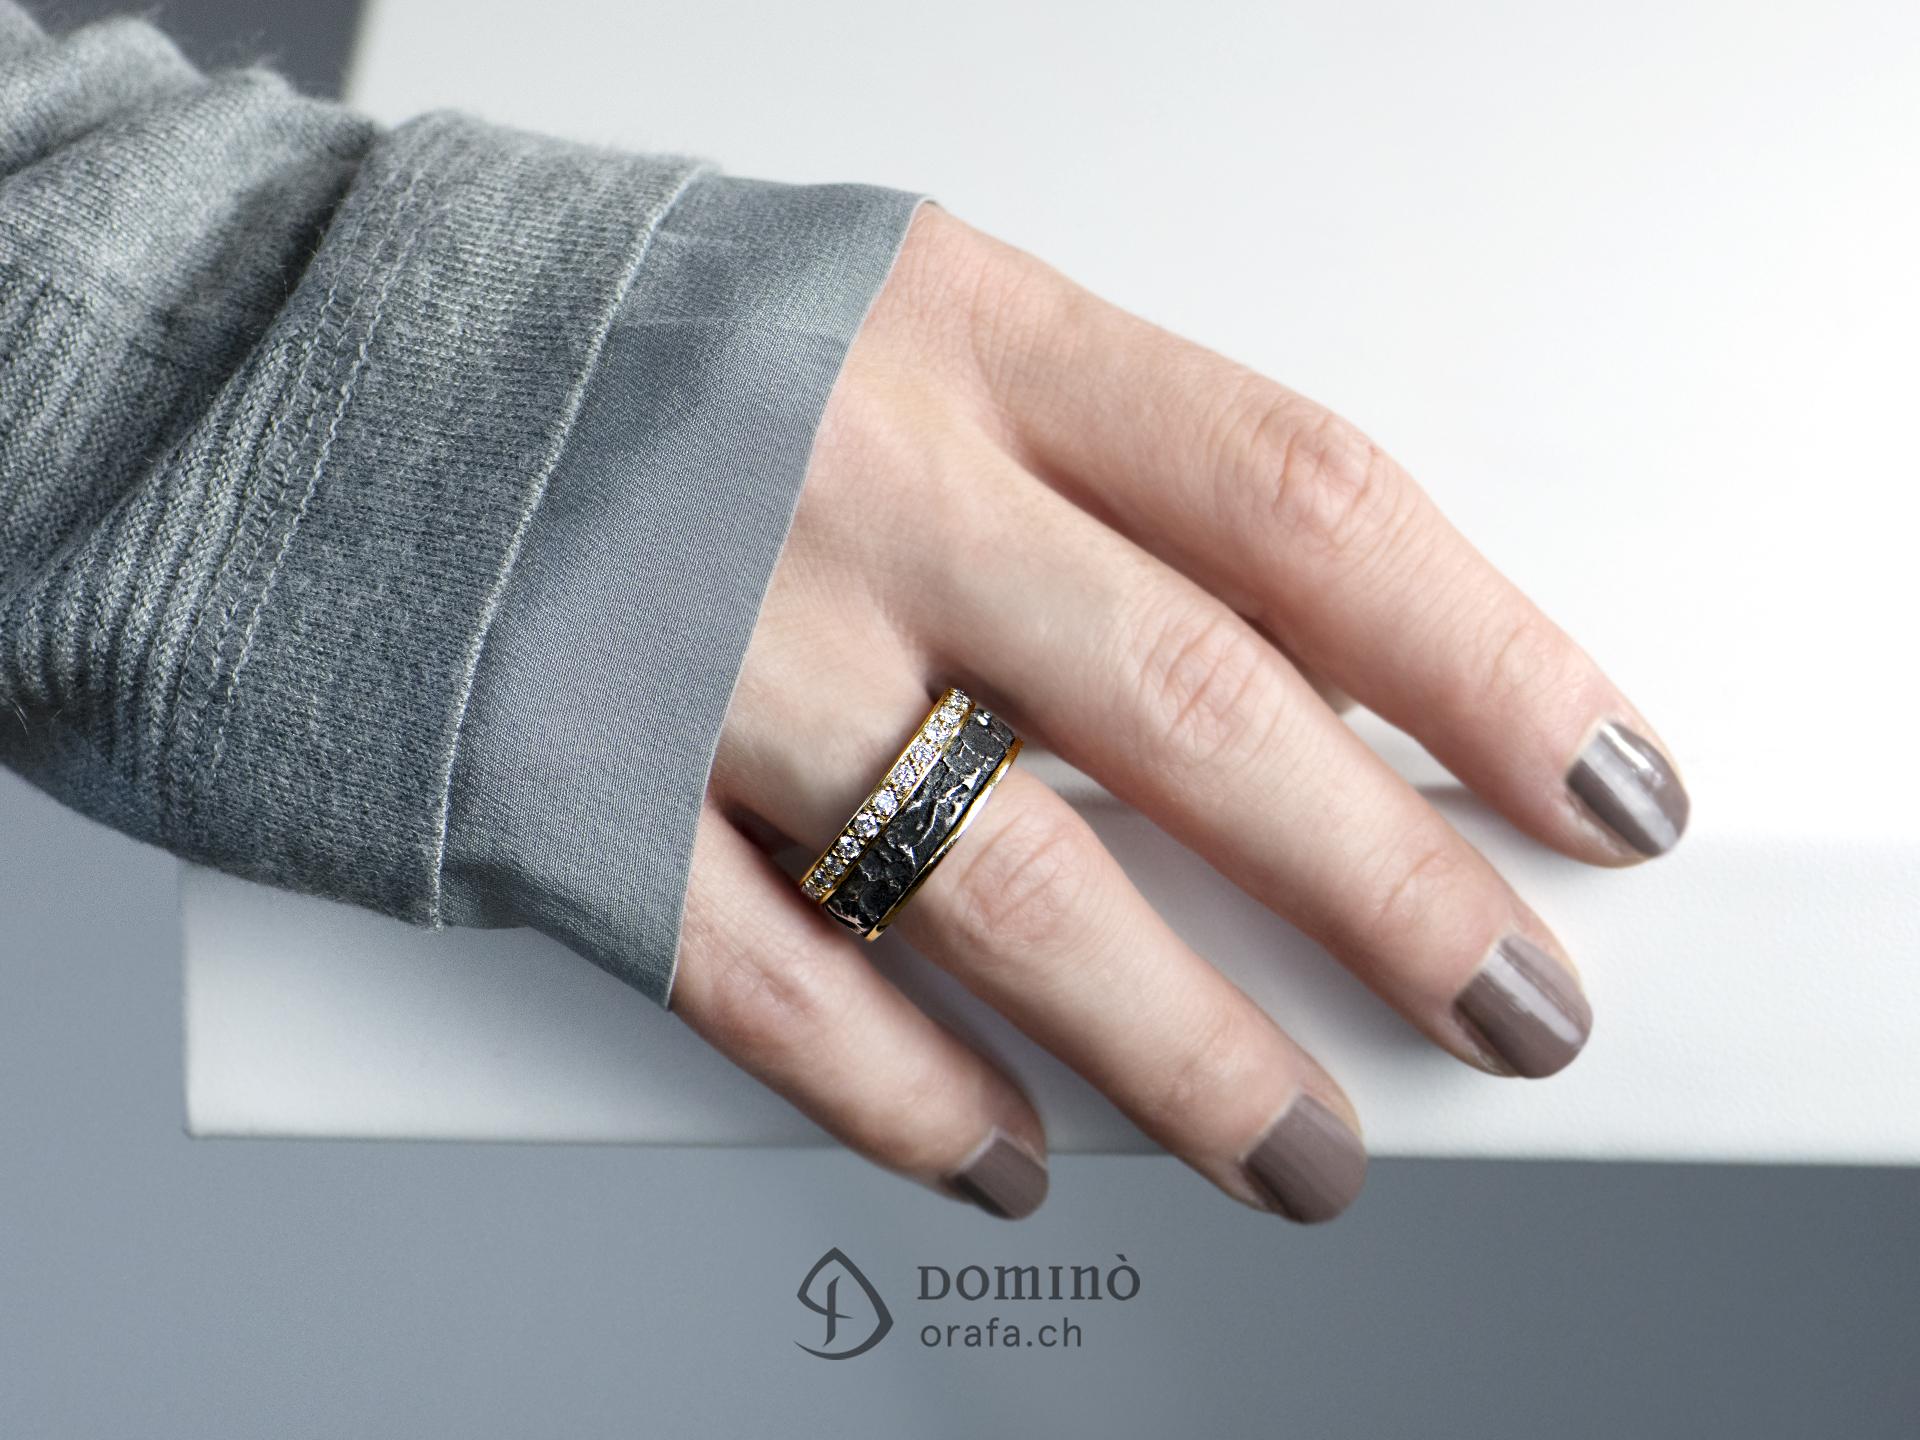 anello-ferro-prezioso-oceano-diamanti-incolore-2